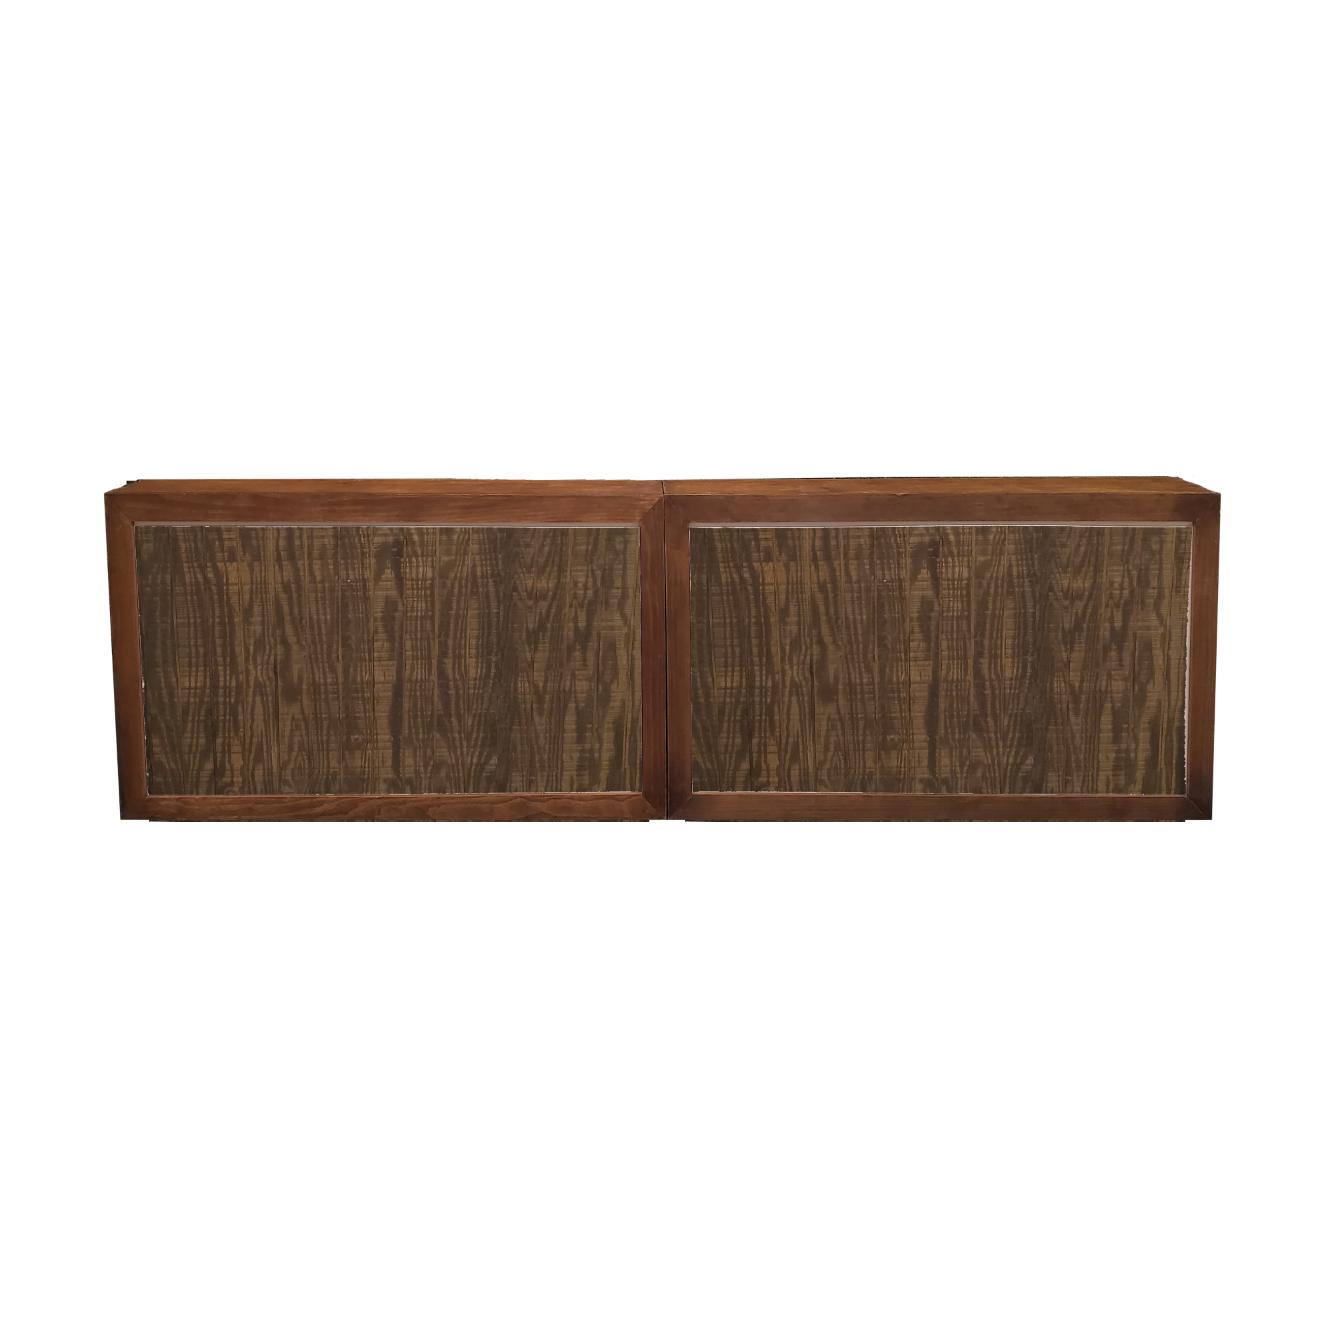 Double Wood Frame Bar/Mahogany Insert  $400